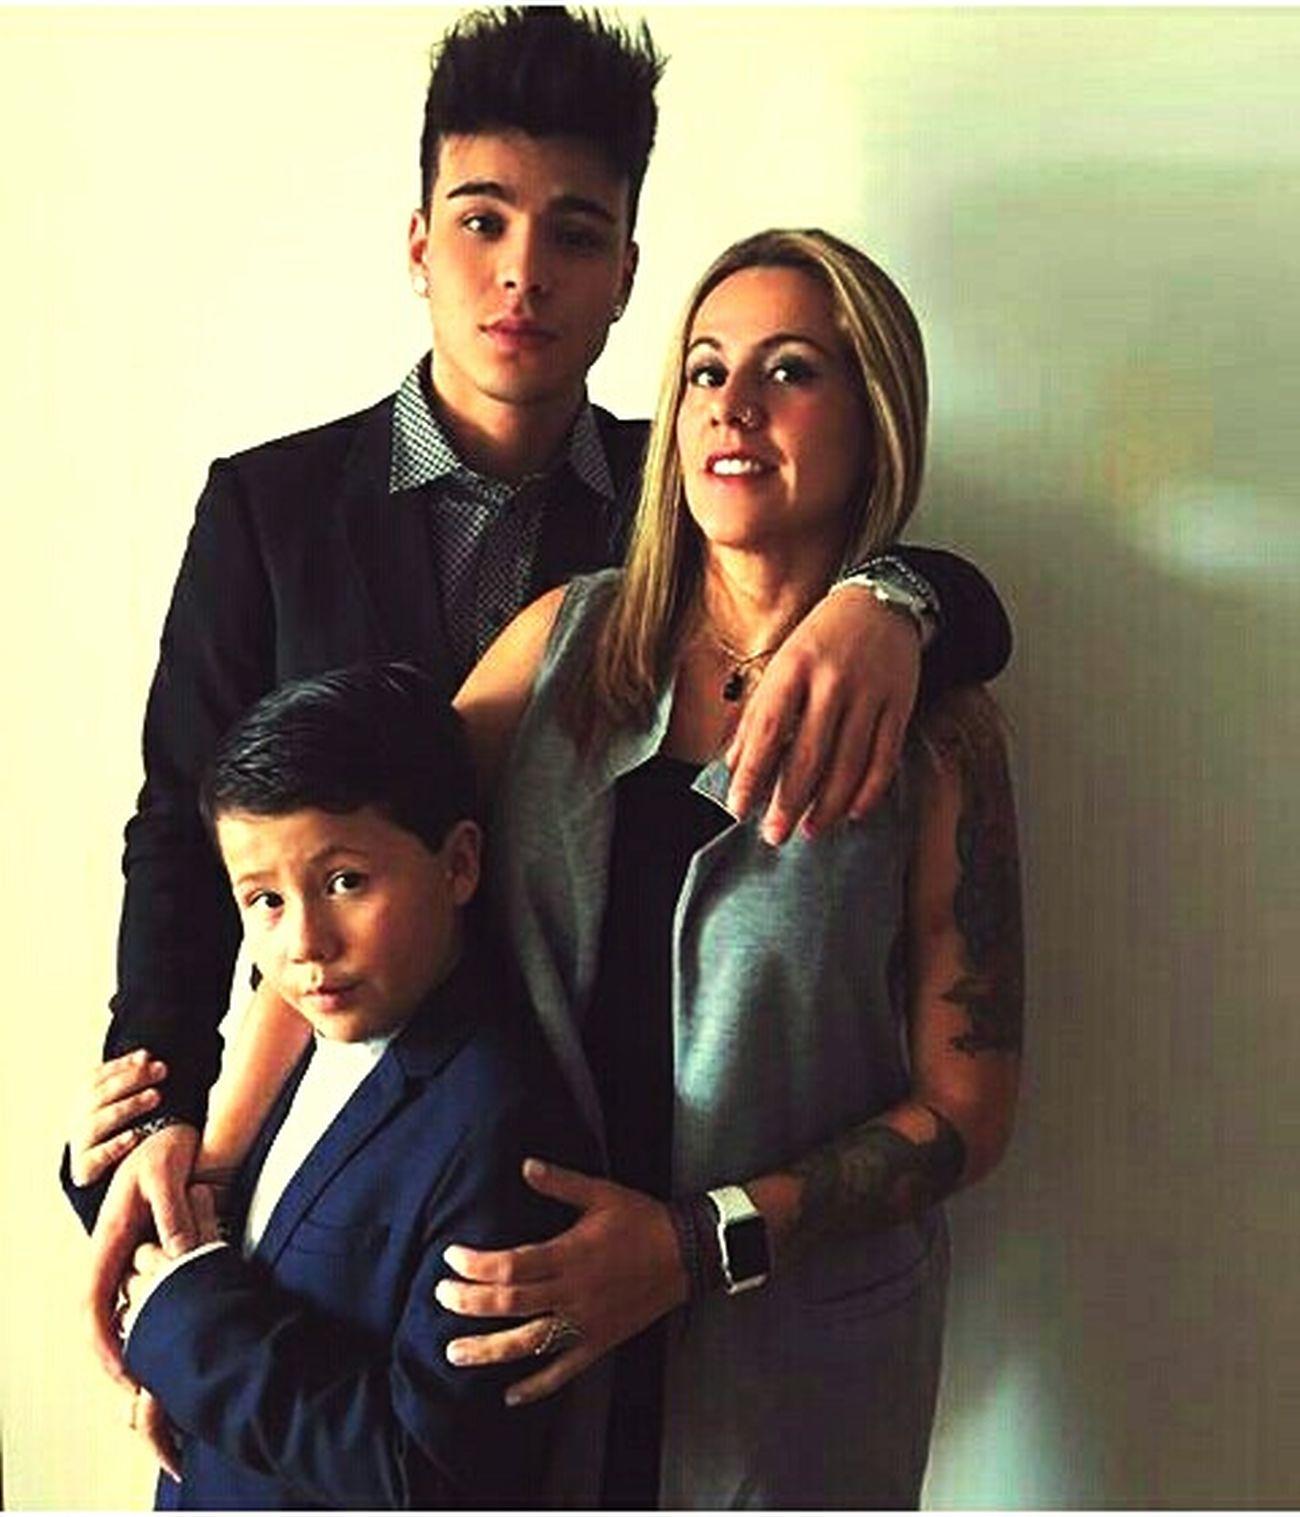 Sebastián Villalobos, Ángel Villalobos y su madre Viviana Villalobos. Sebbbbas First Eyeem Photo